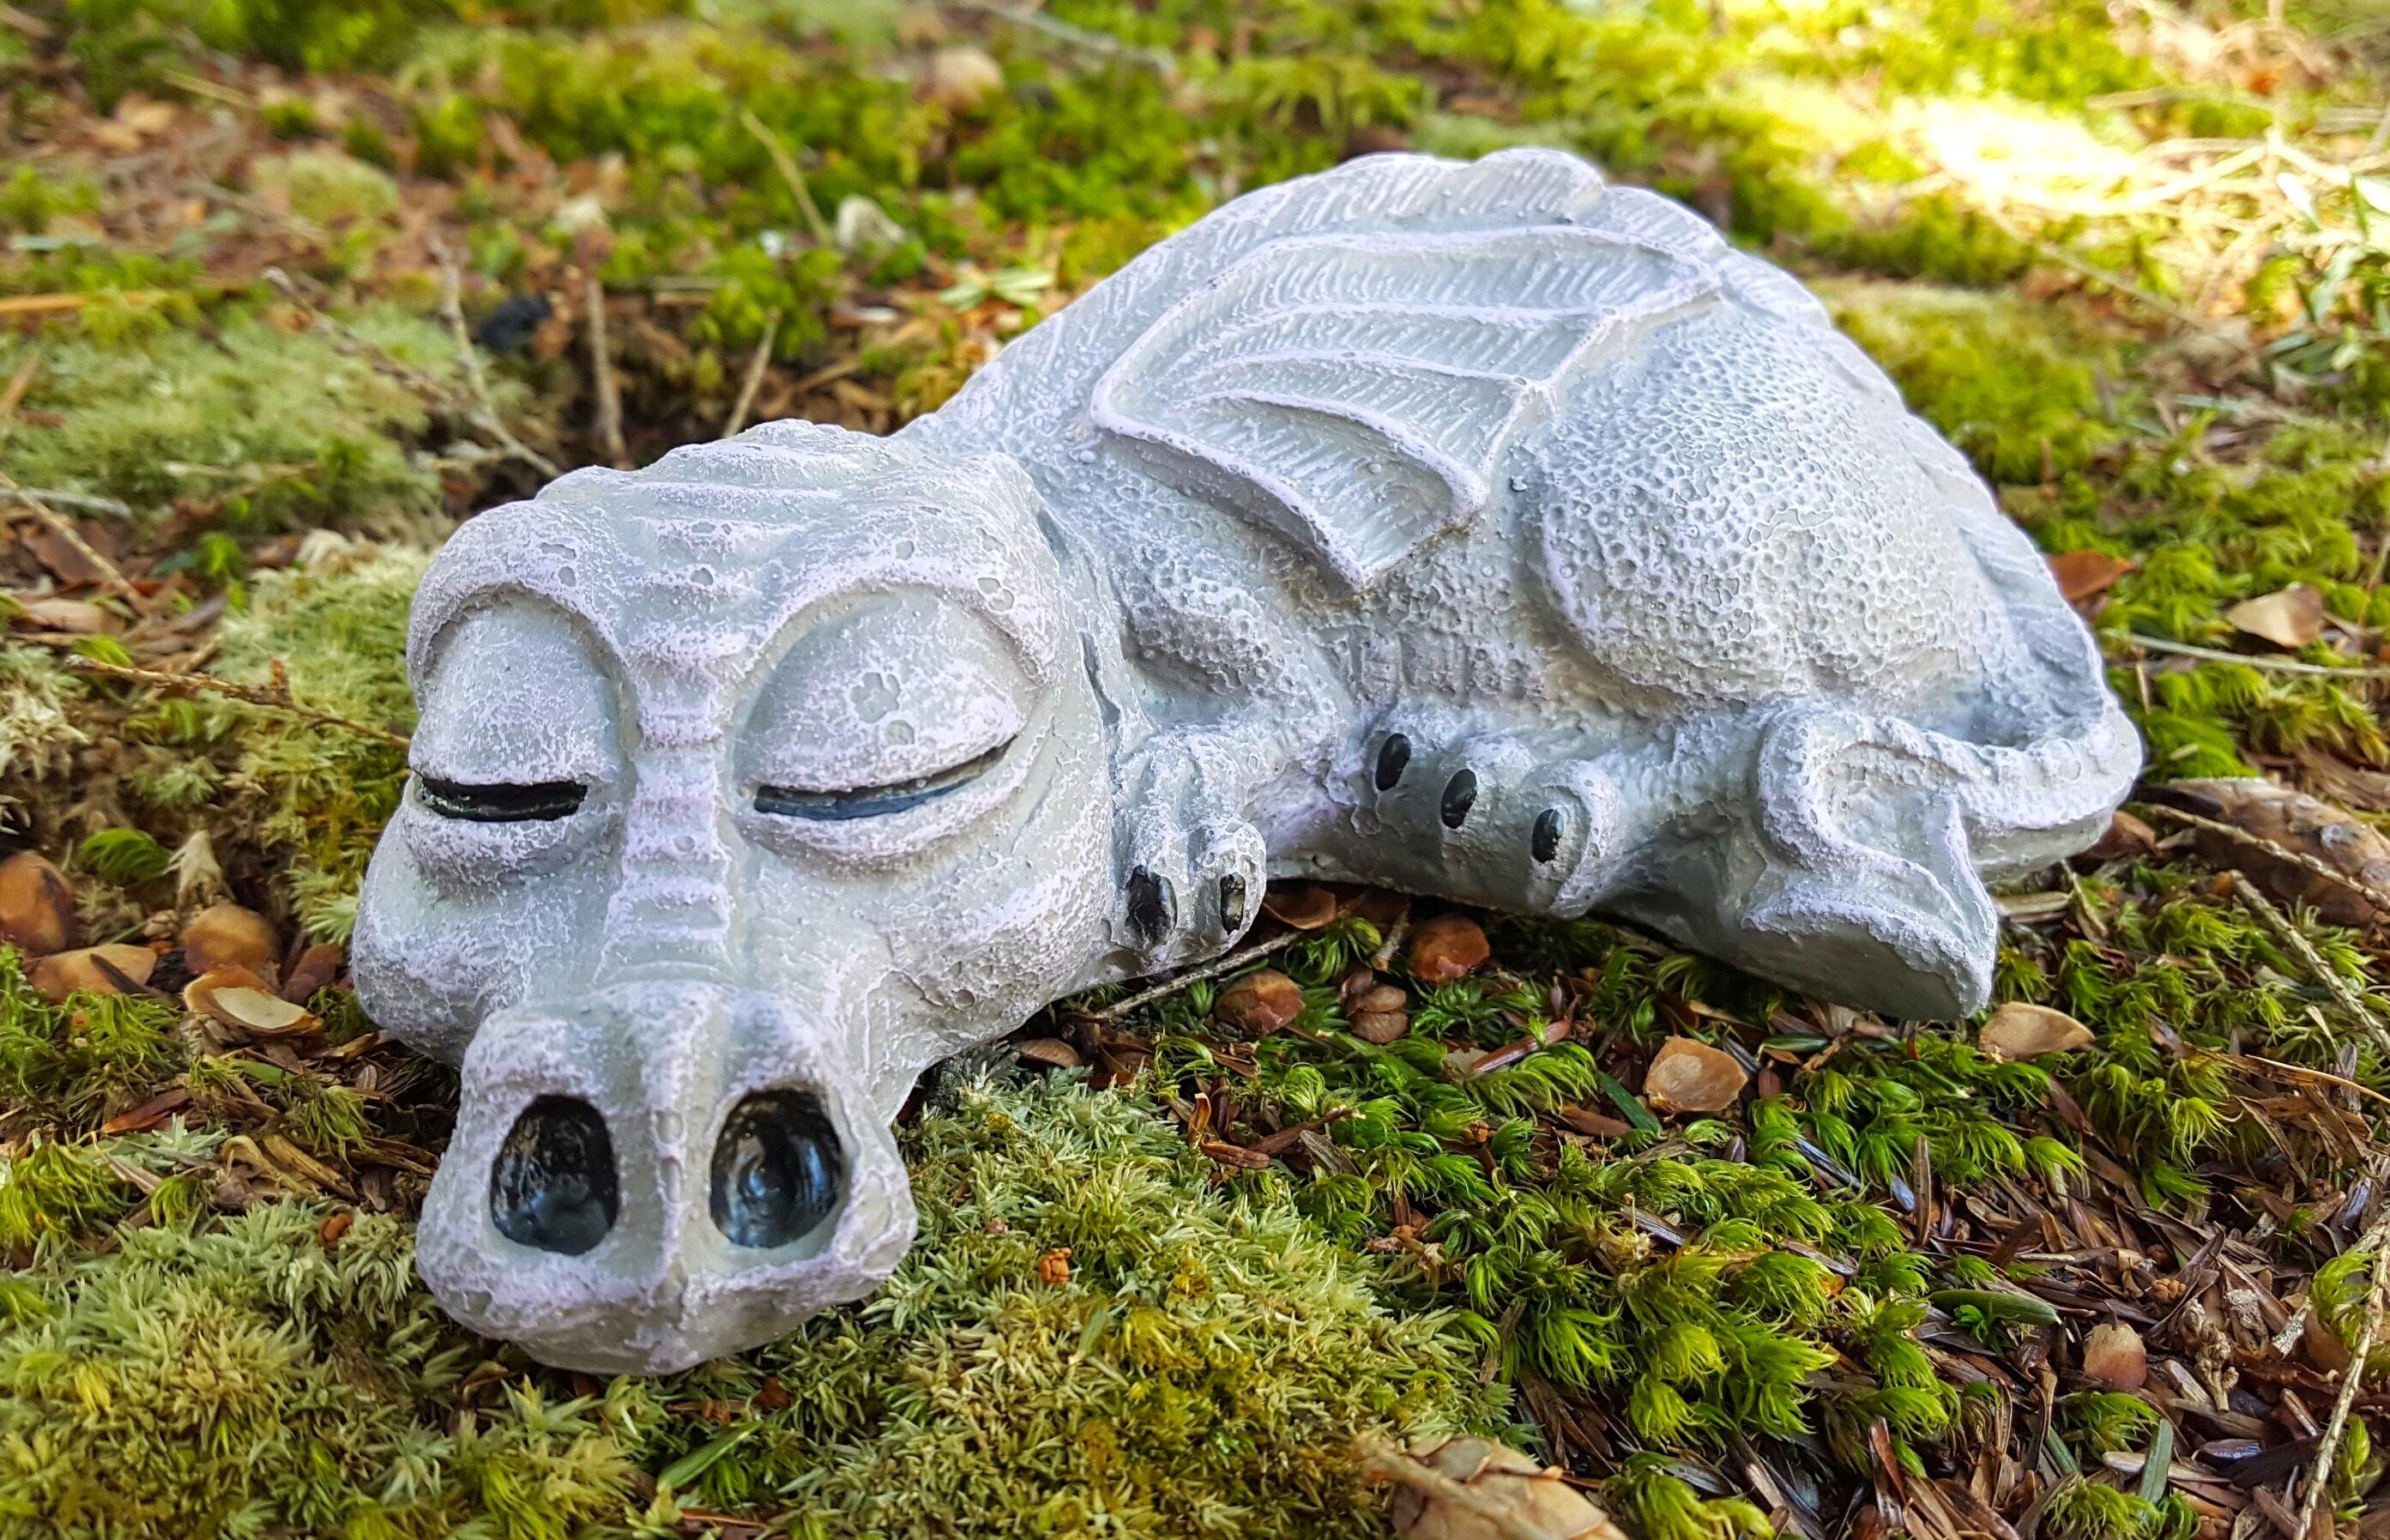 Dragon Statue Concrete Garden Statue Fantasy Garden Art Etsy